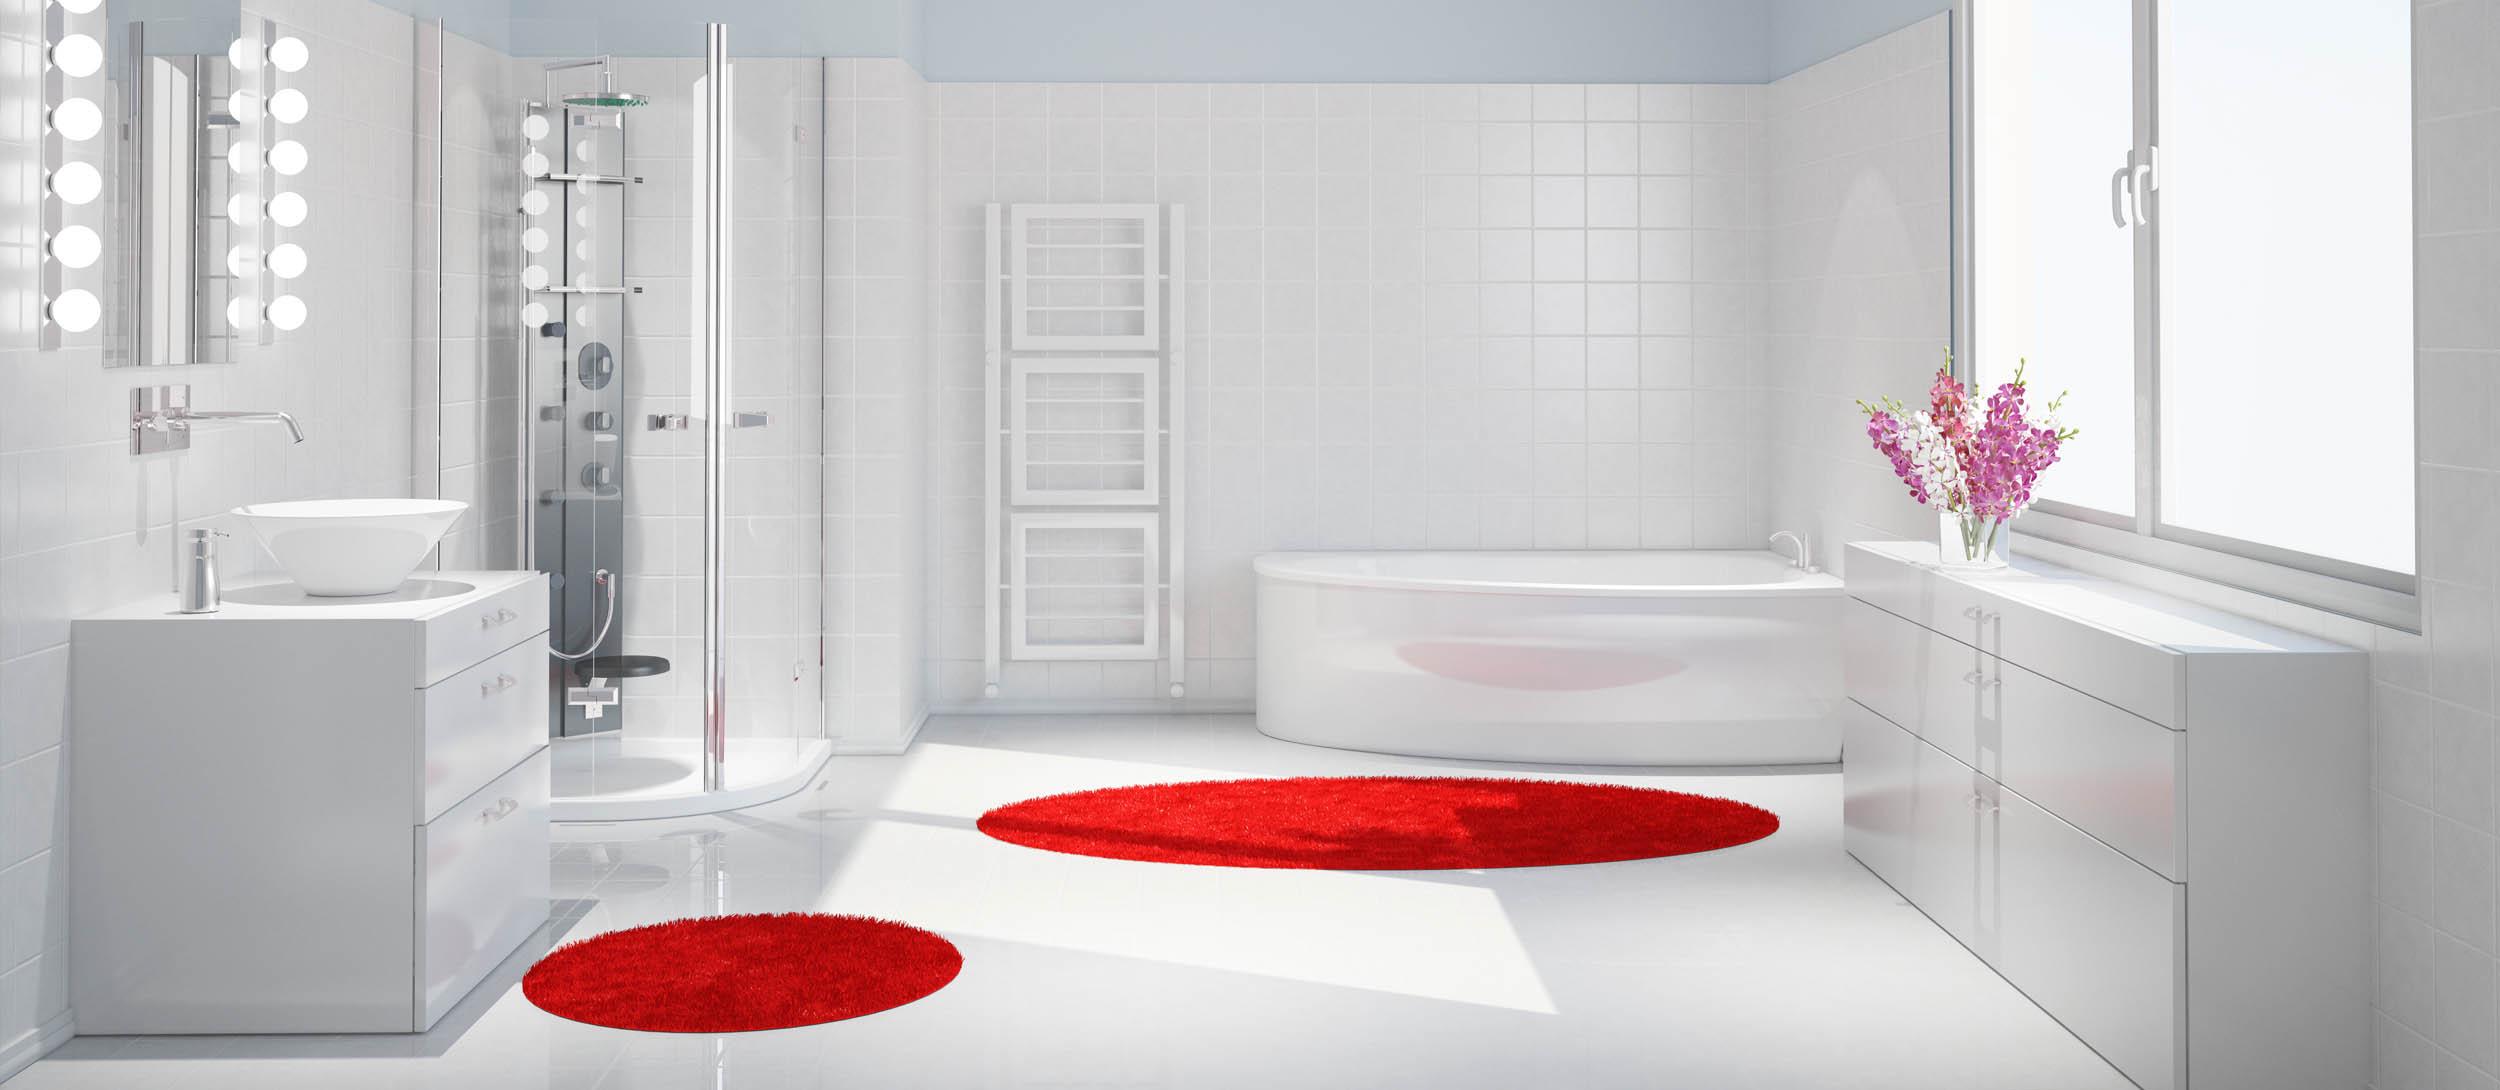 vendita di arredamento e accessori bagno - Arredo Bagno Collegno